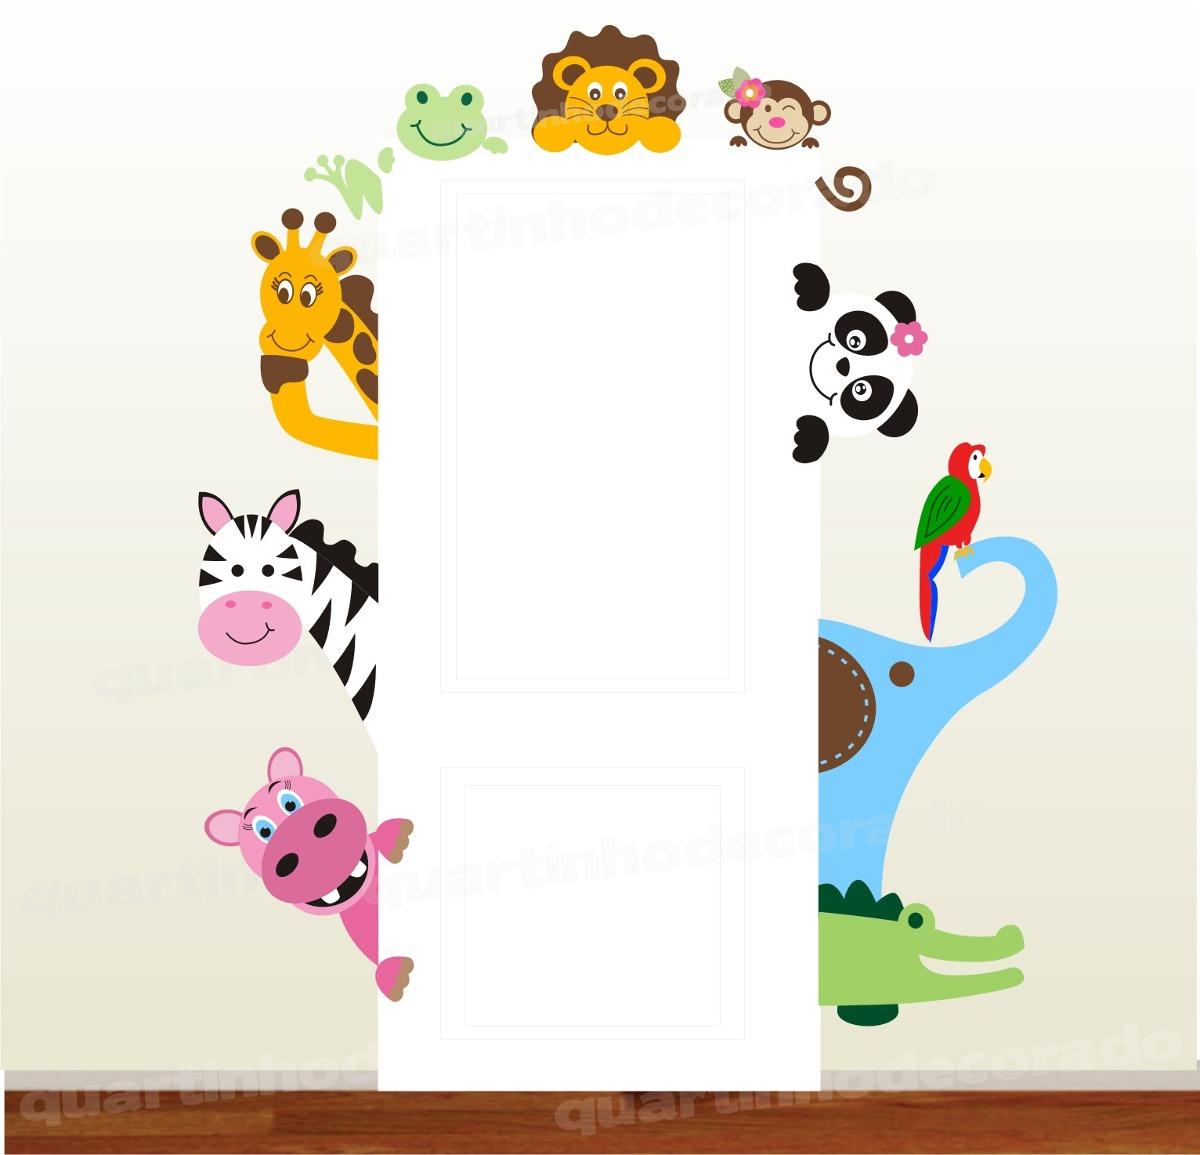 Aparador Pequeno Preto ~ Adesivo Porta Quarto Infantil Animais Safari Parede Zoo 64 R$ 148,00 em Mercado Livre